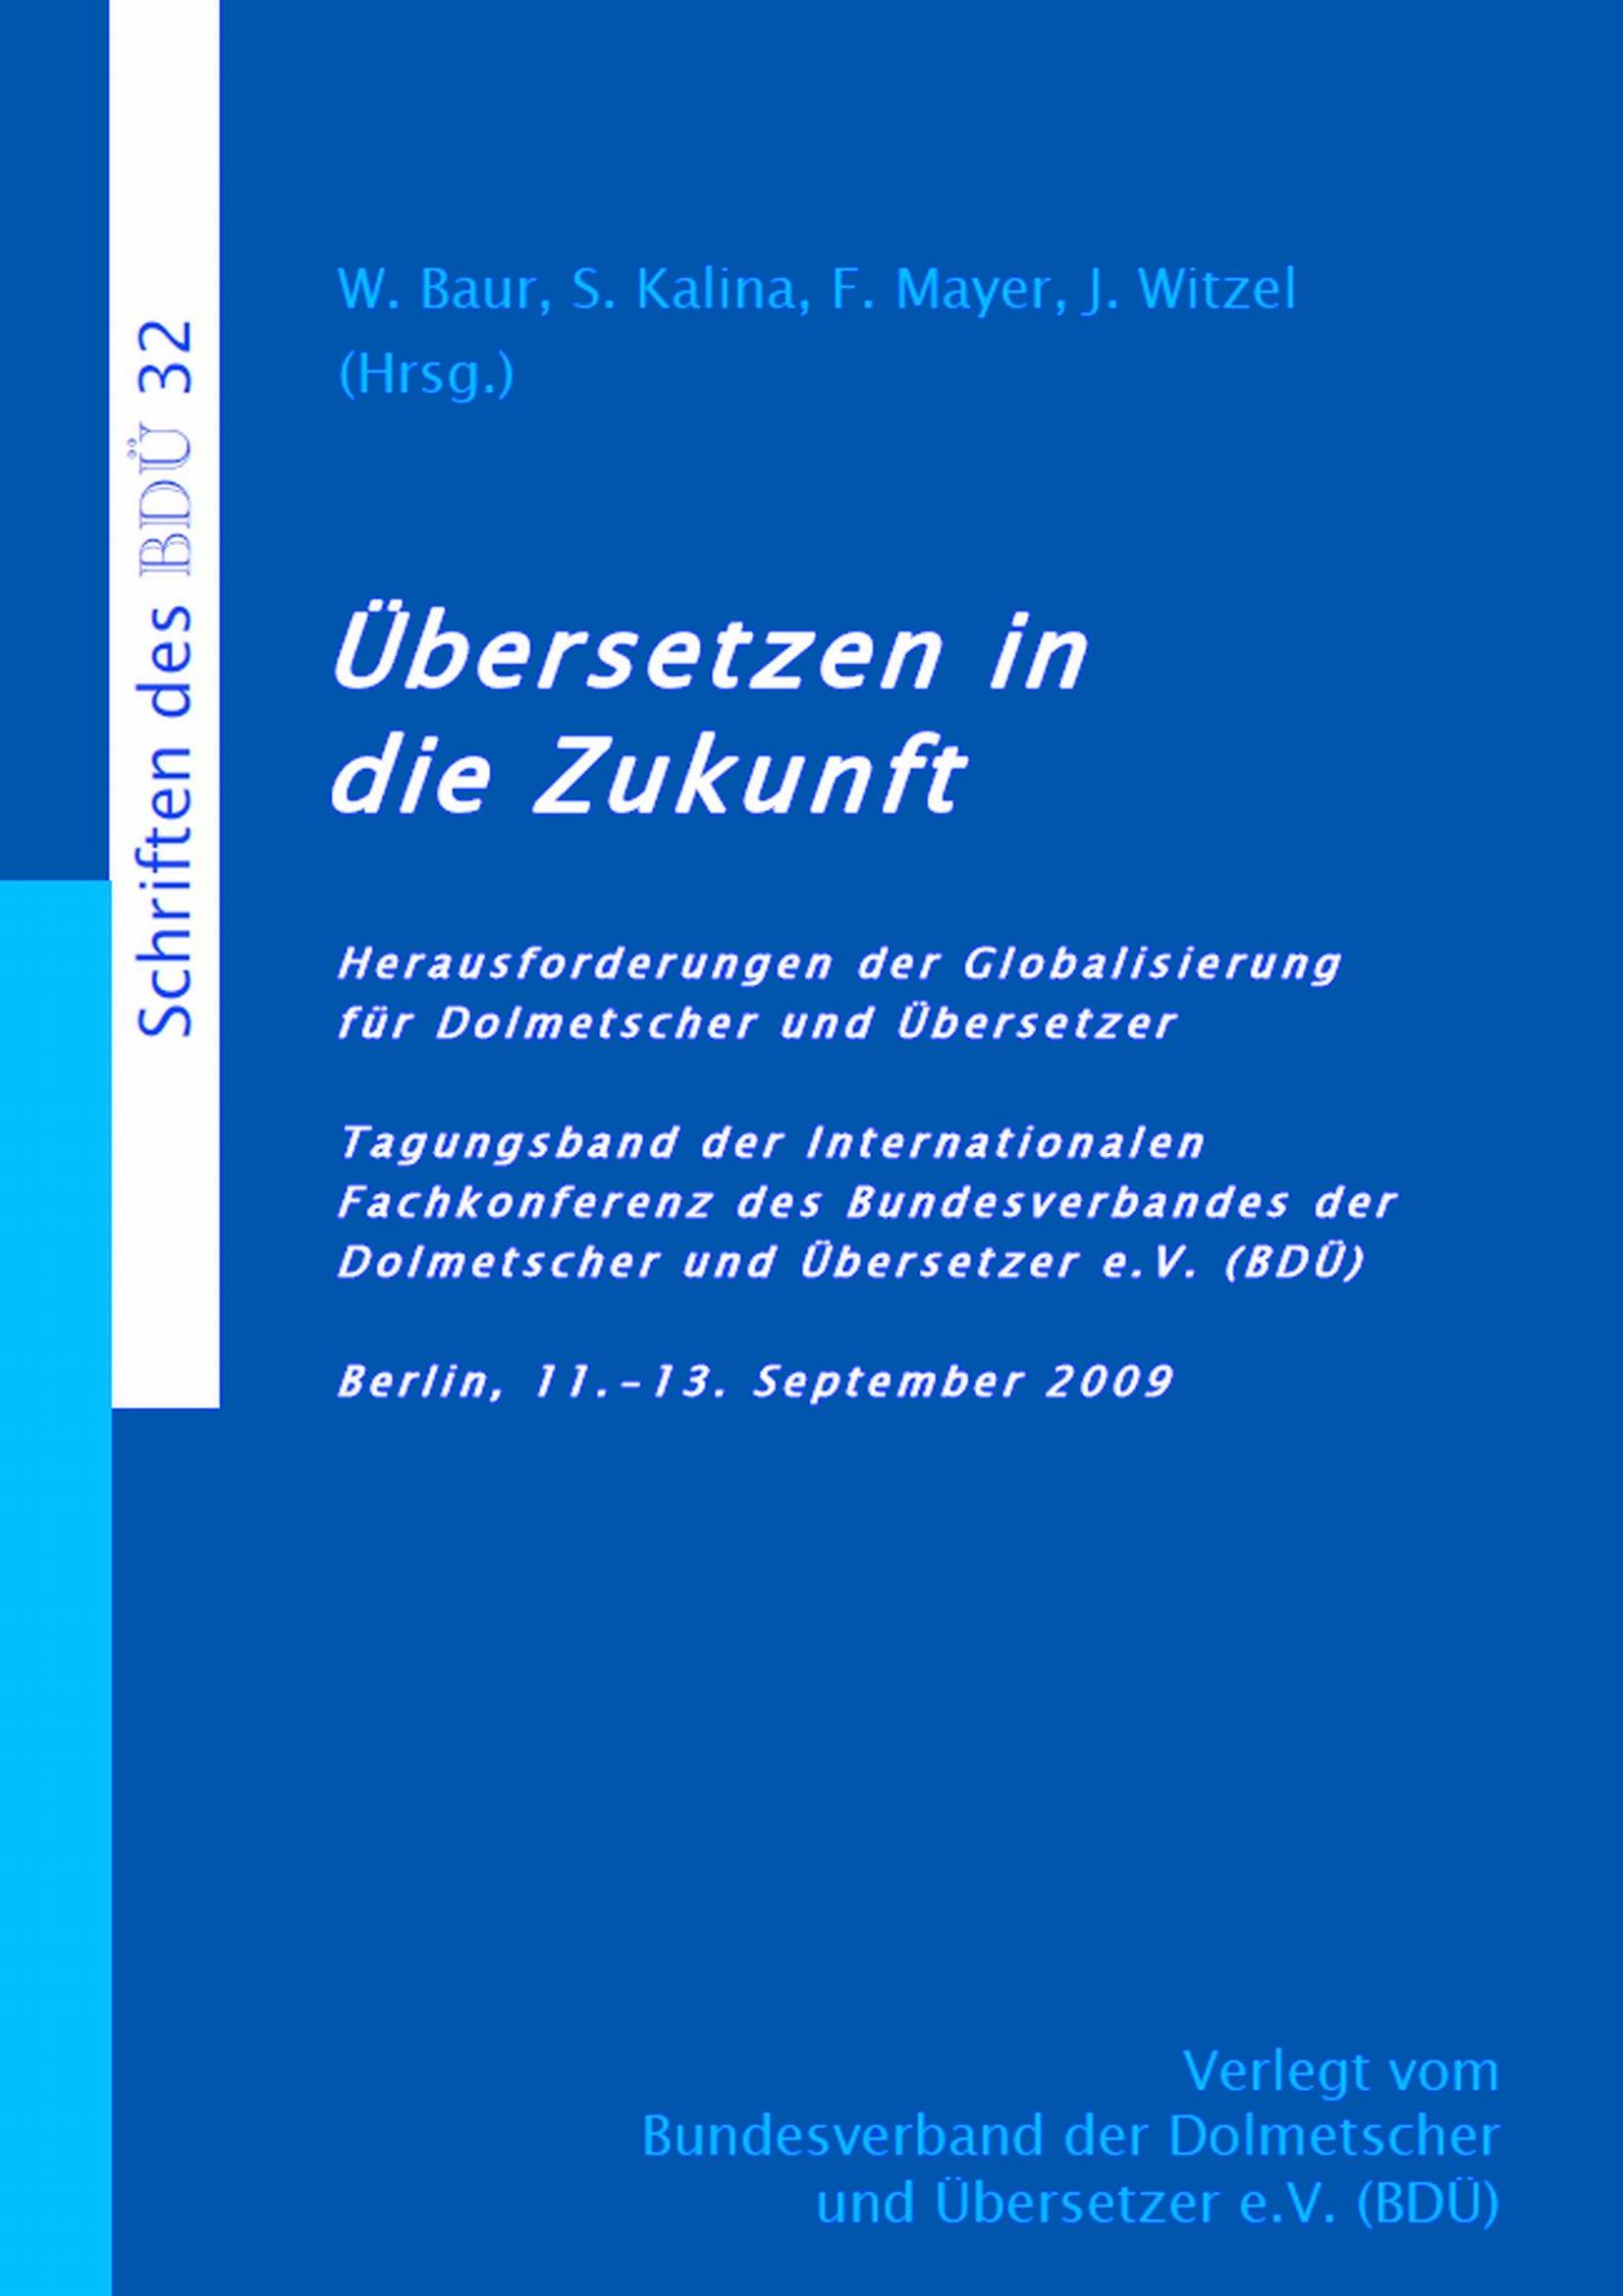 Tagungsband - Übersetzen in die Zukunft 2009